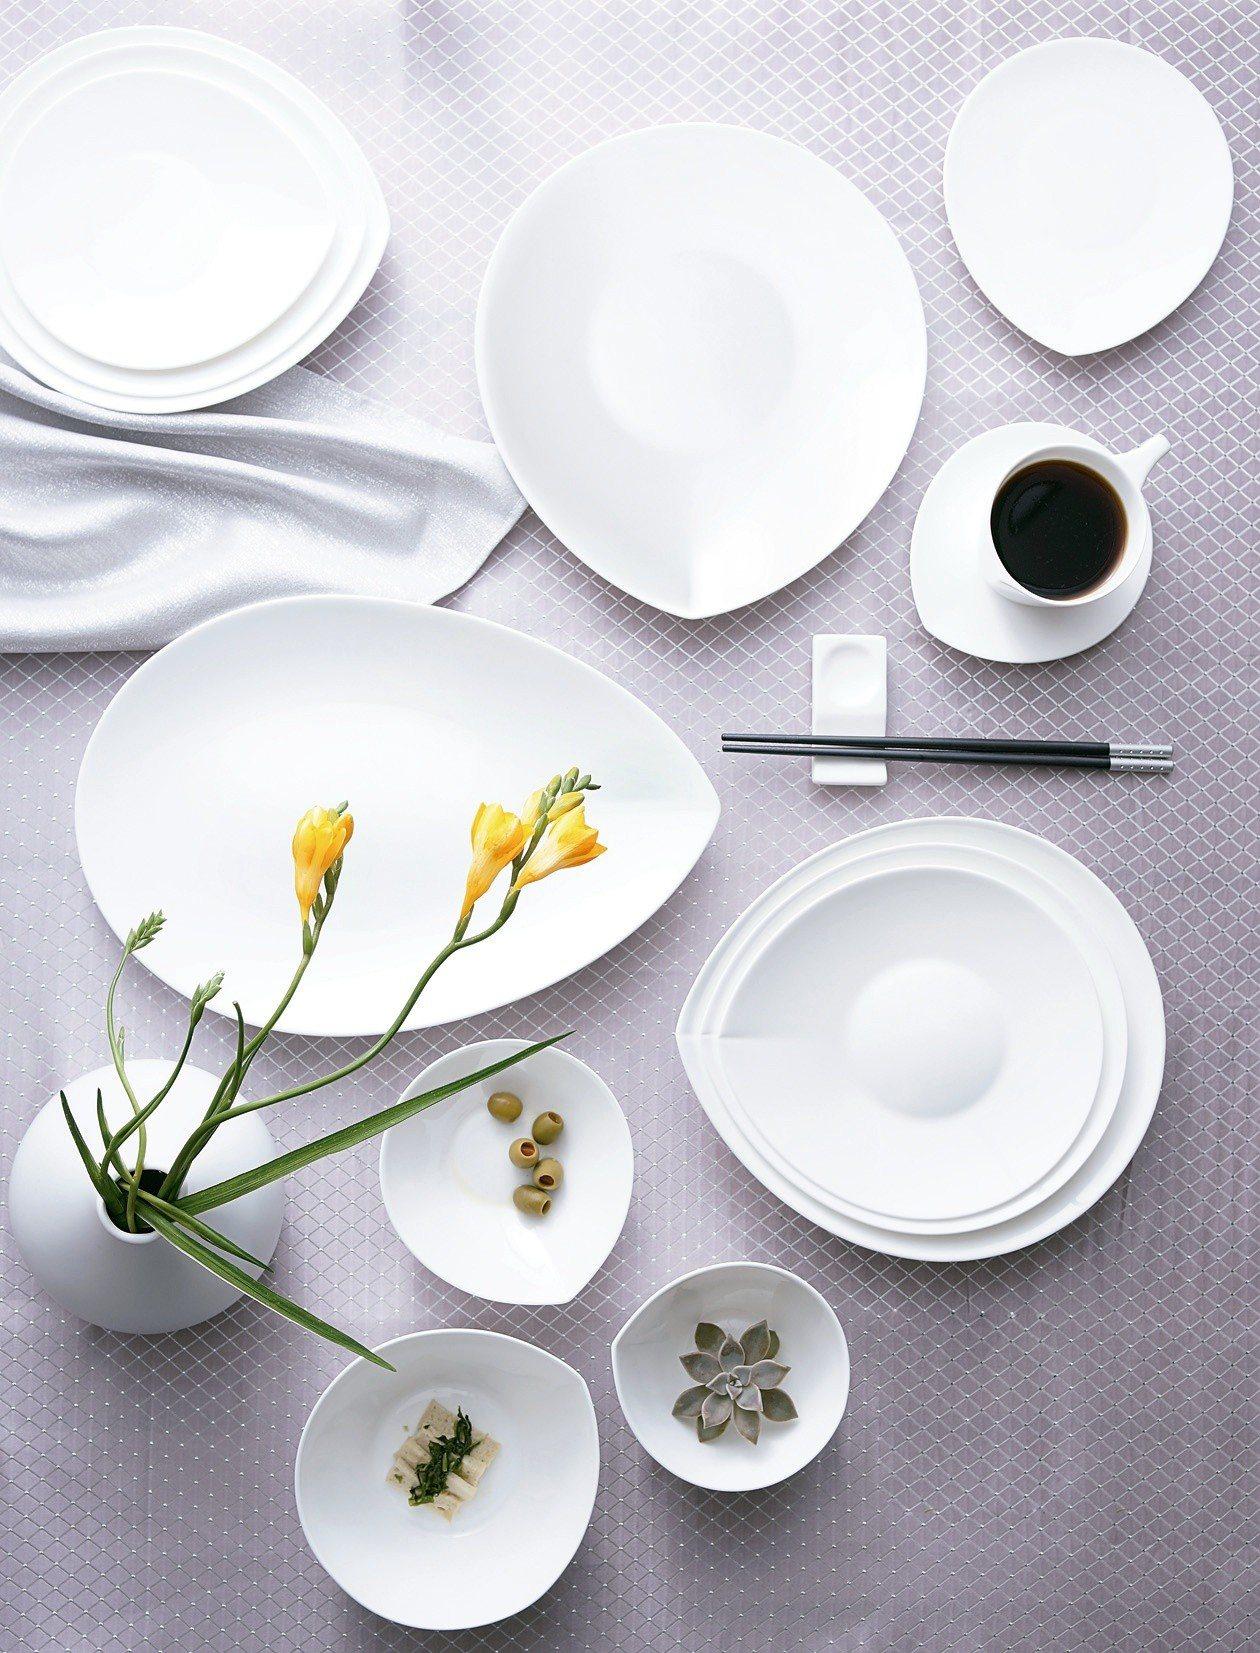 HOLA獨家設計人魚線骨瓷餐具系列,全面5折。圖/HOLA特力和樂提供